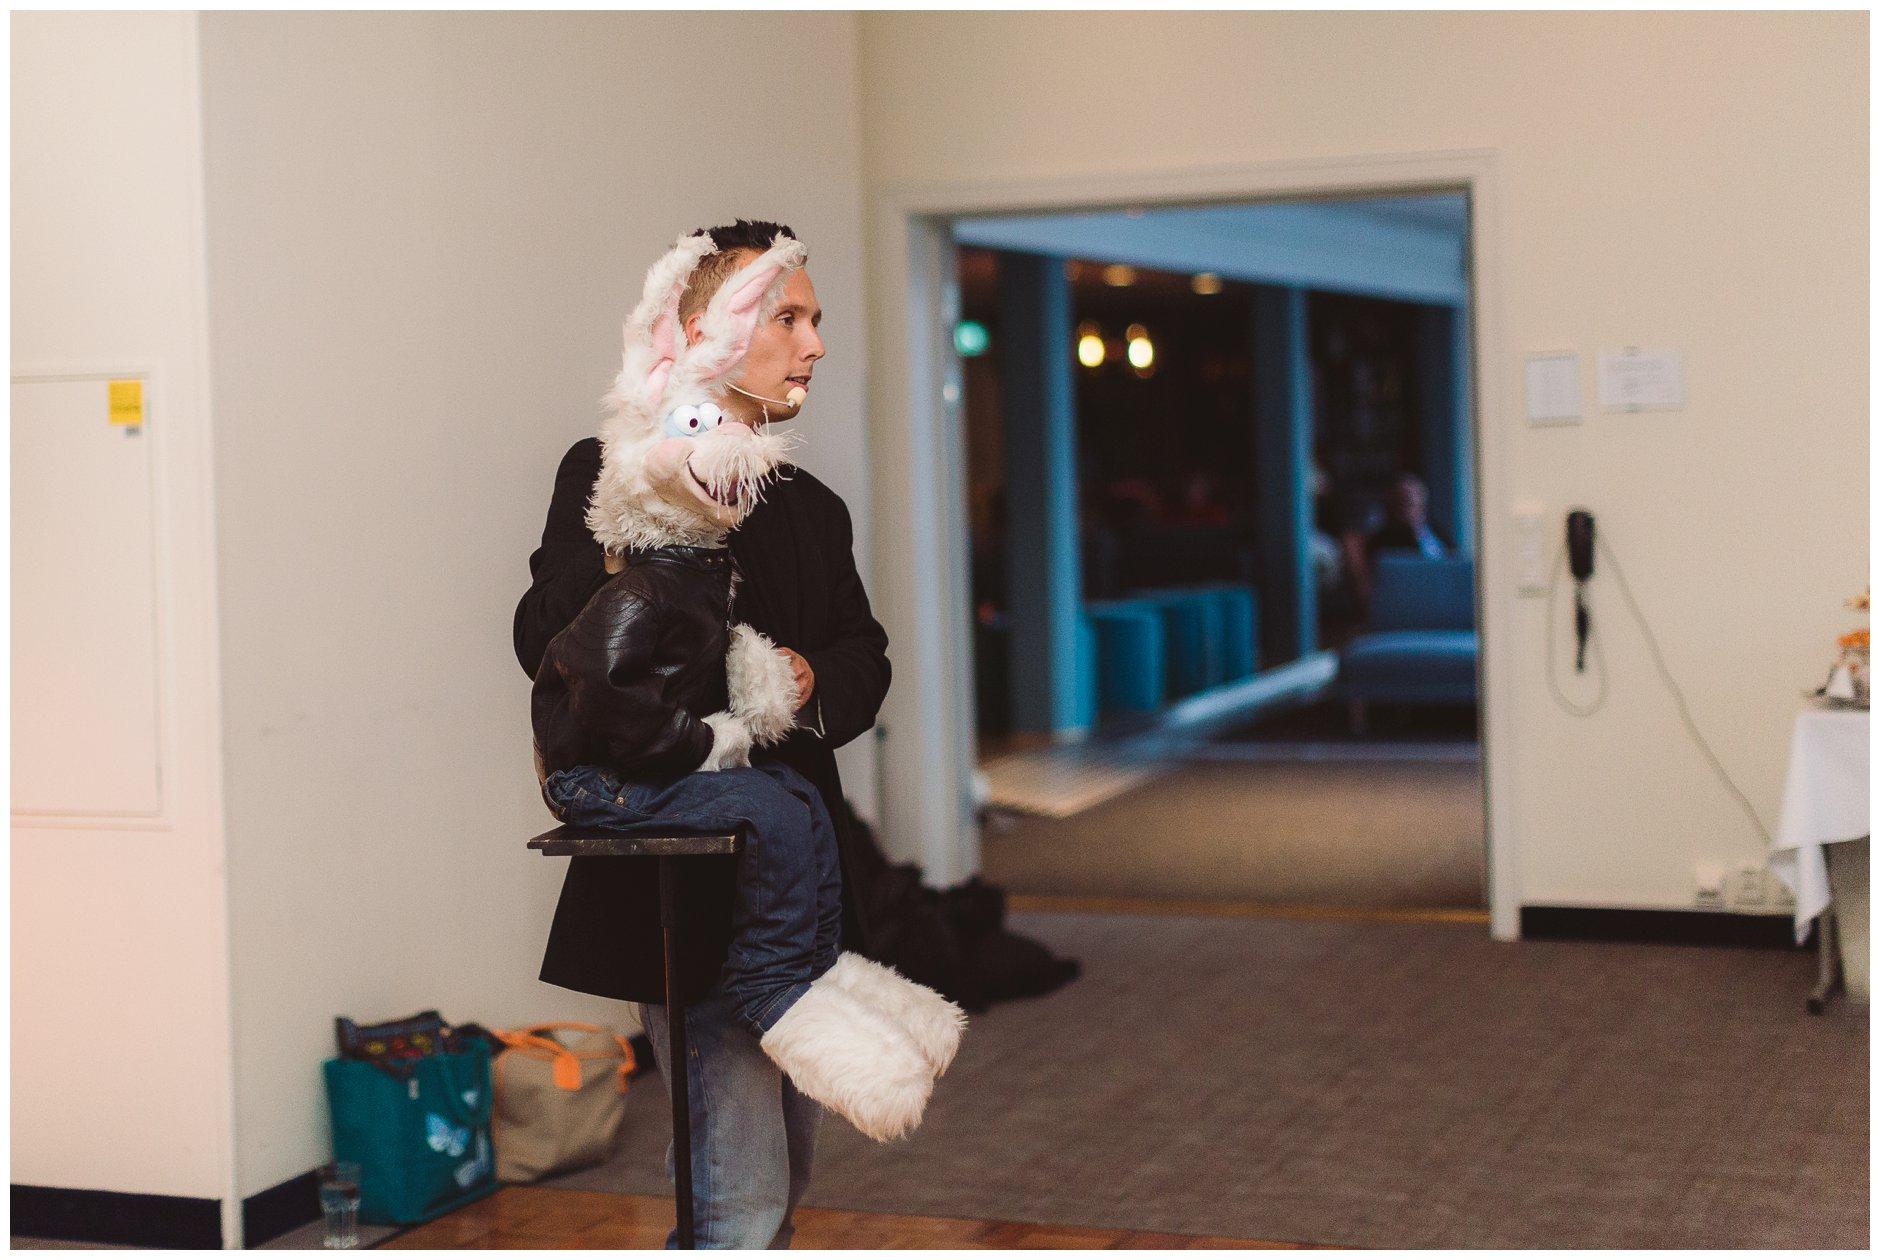 Kalle kanin på Scandic hotell Tjøme